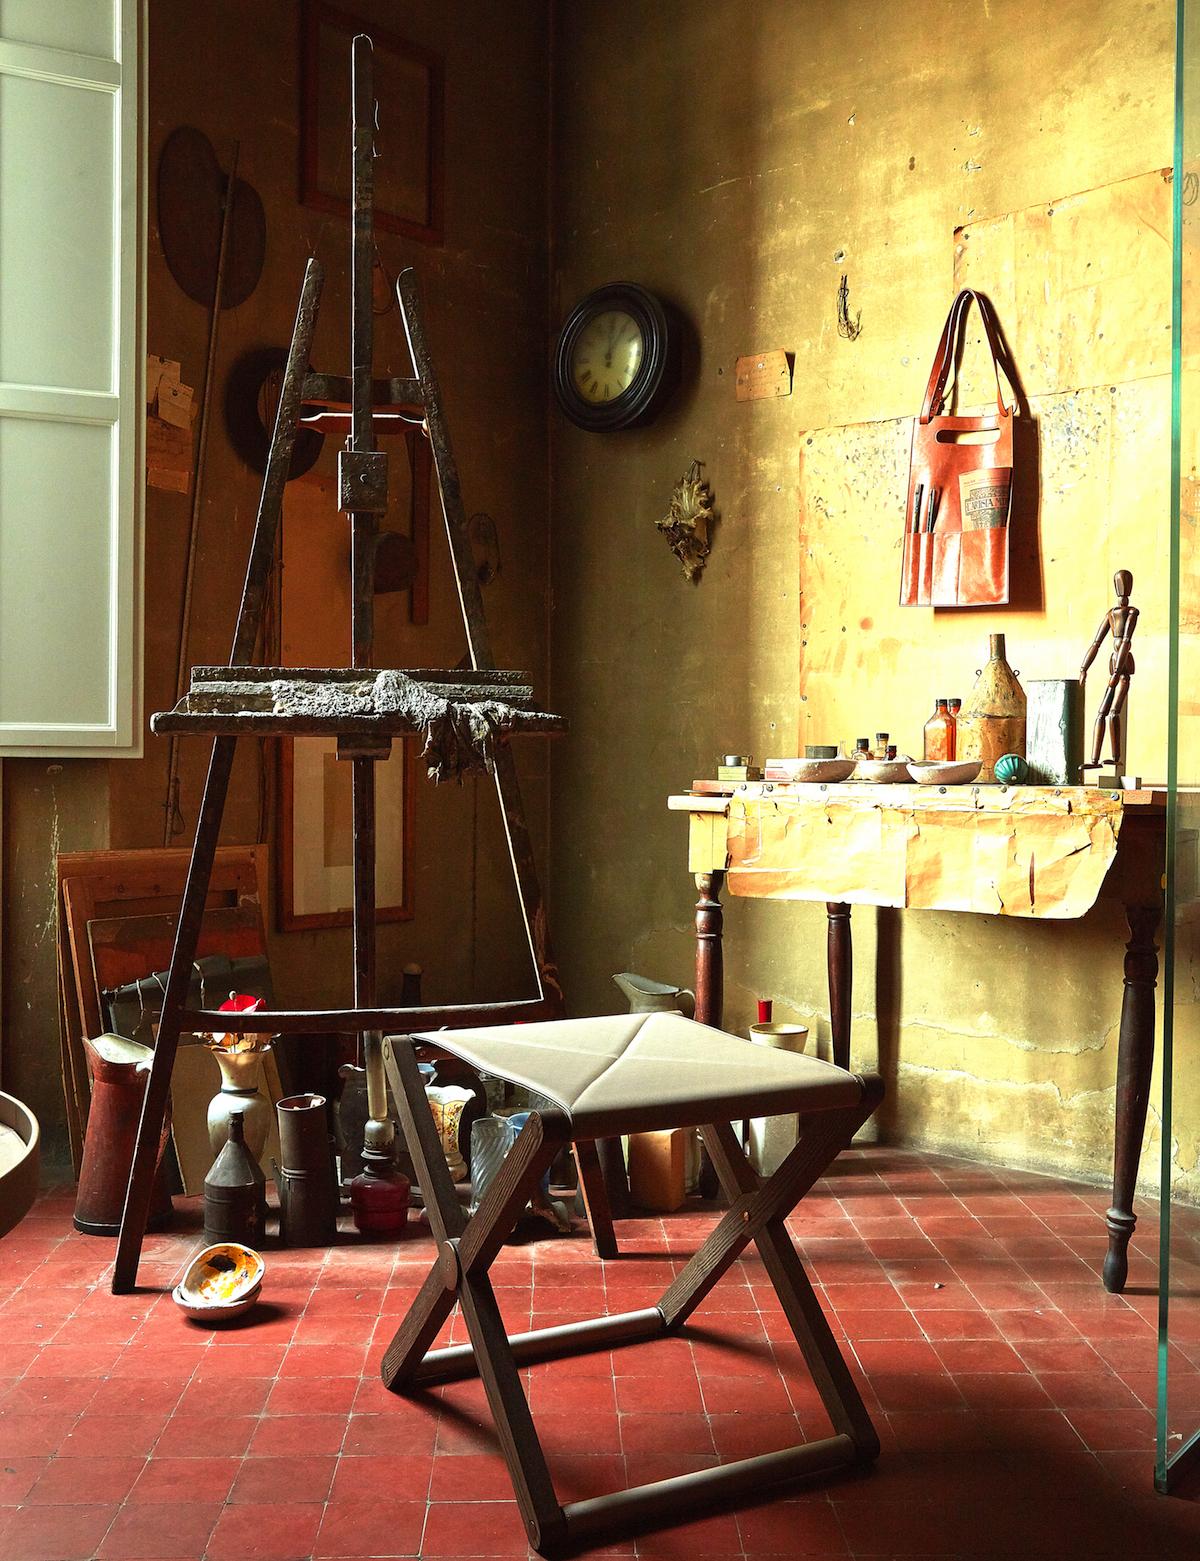 Oggetti d'autore: Omaggio a Morandi fotografati a Casa Morandi